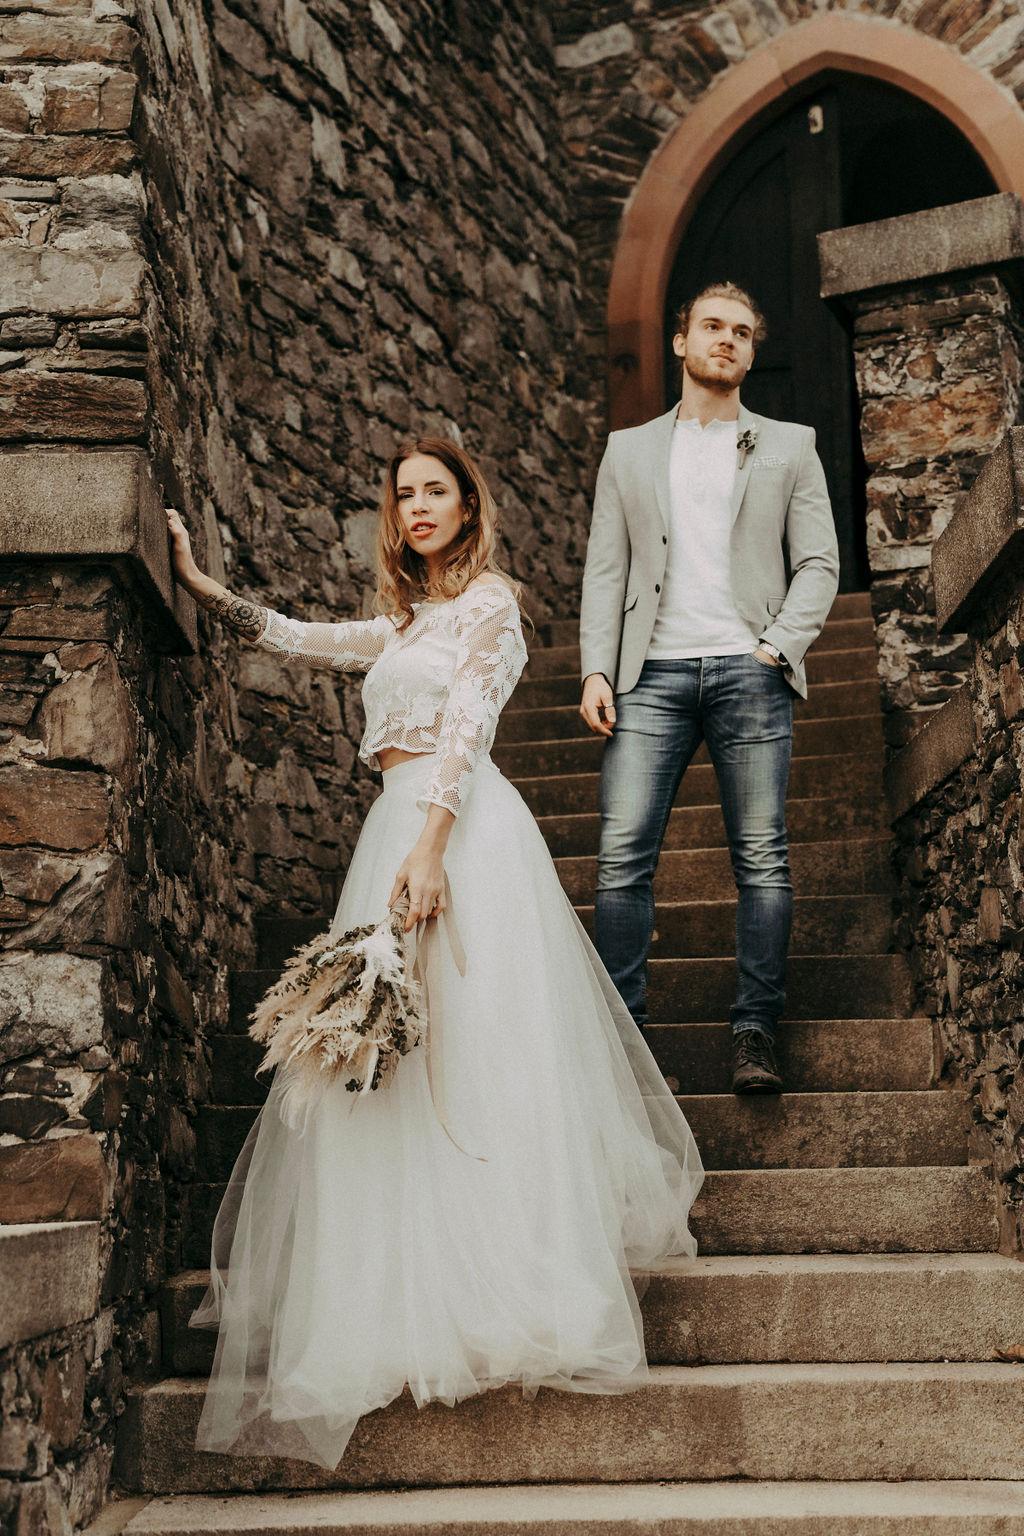 noni Brautmode, Styled Shoot, Brautpaar vor mittelalterliche Kulisse. Bräutigam mit Zopf, Sakko und Bart, Model mit brünetten offenen Haaren und weißem Brautkleid im Boho Stil